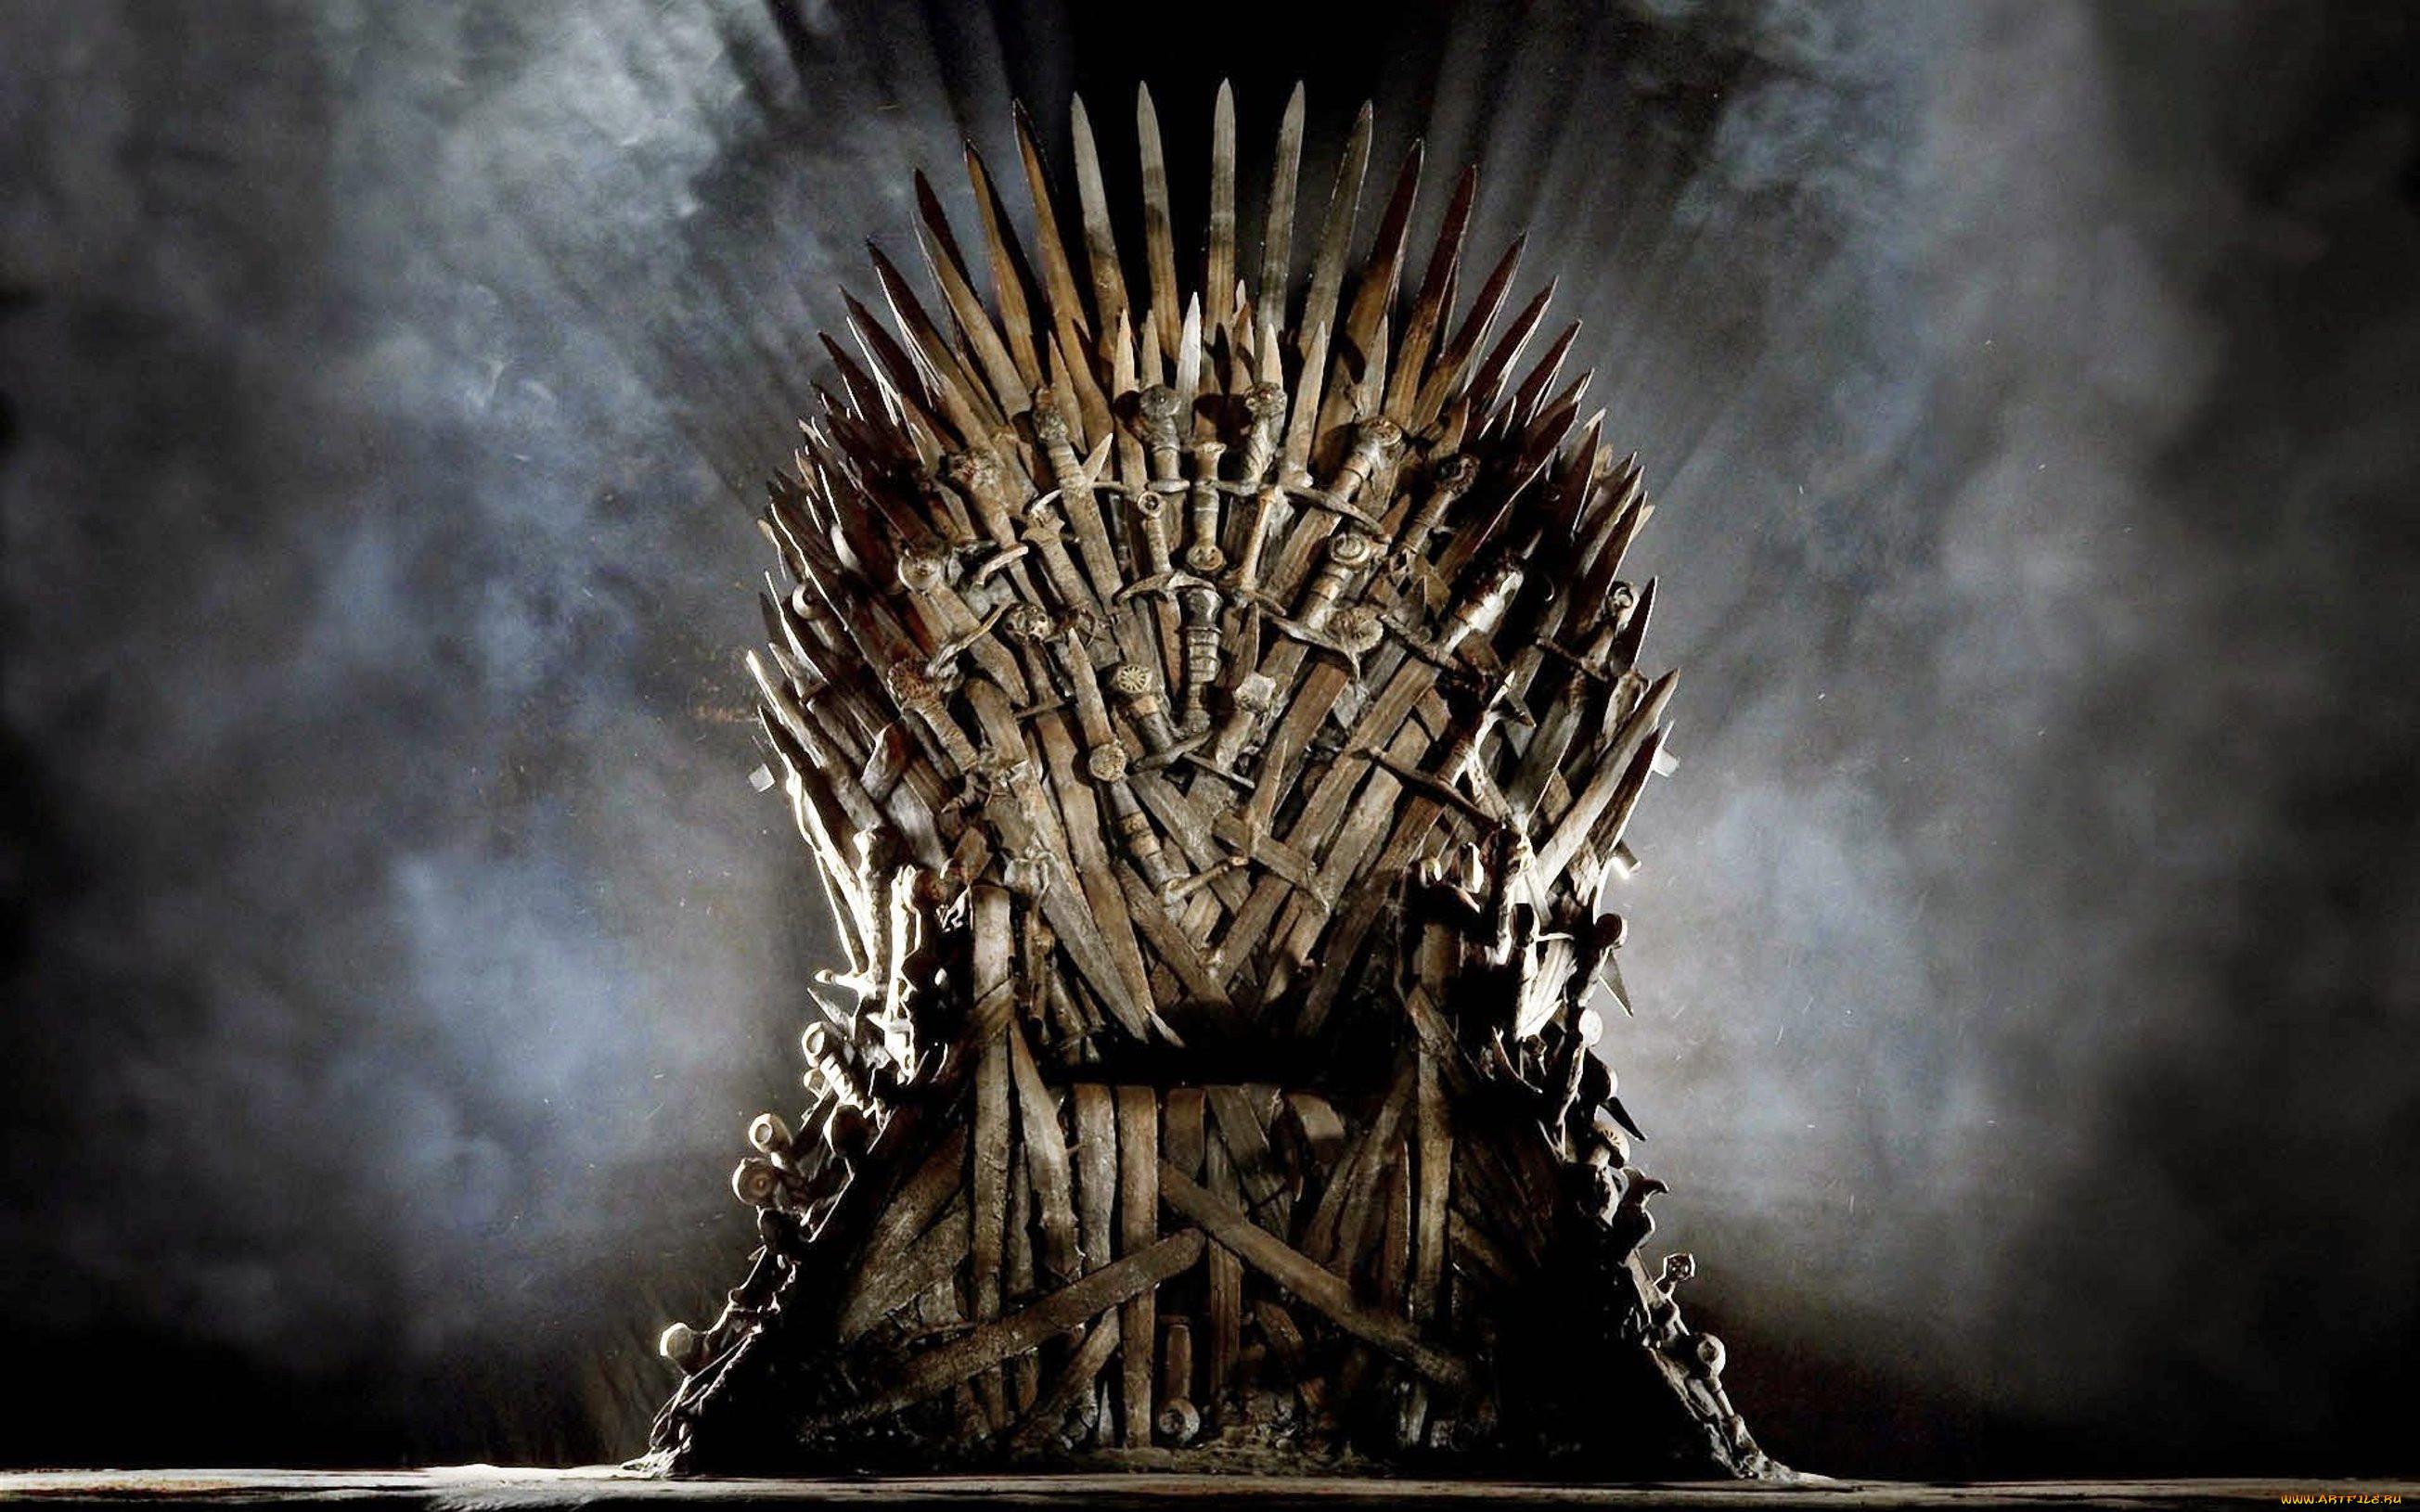 железный трон фото главный герой, веселый